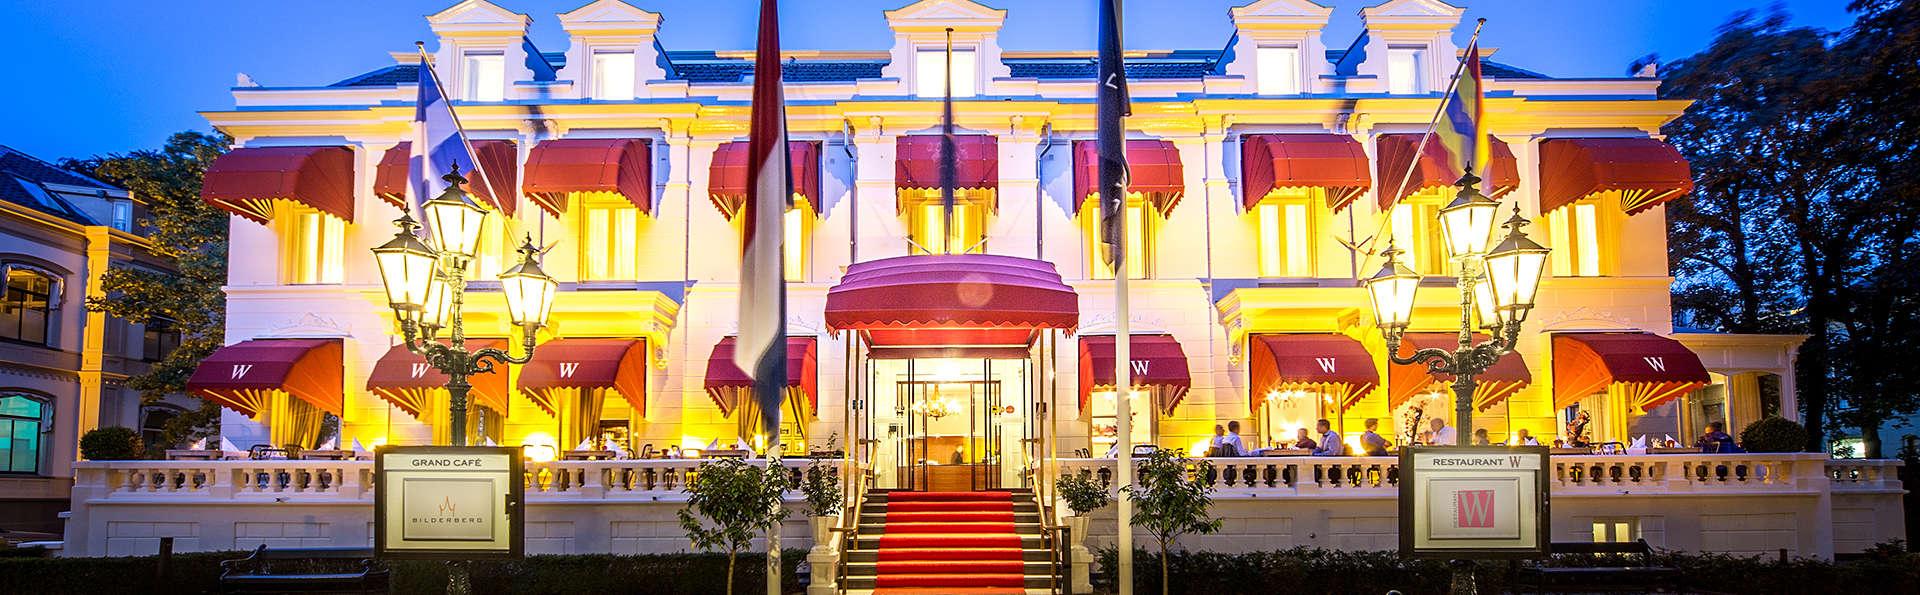 Bilderberg Grand Hotel Wientjes - EDIT_Vooraanzicht_avond.jpg